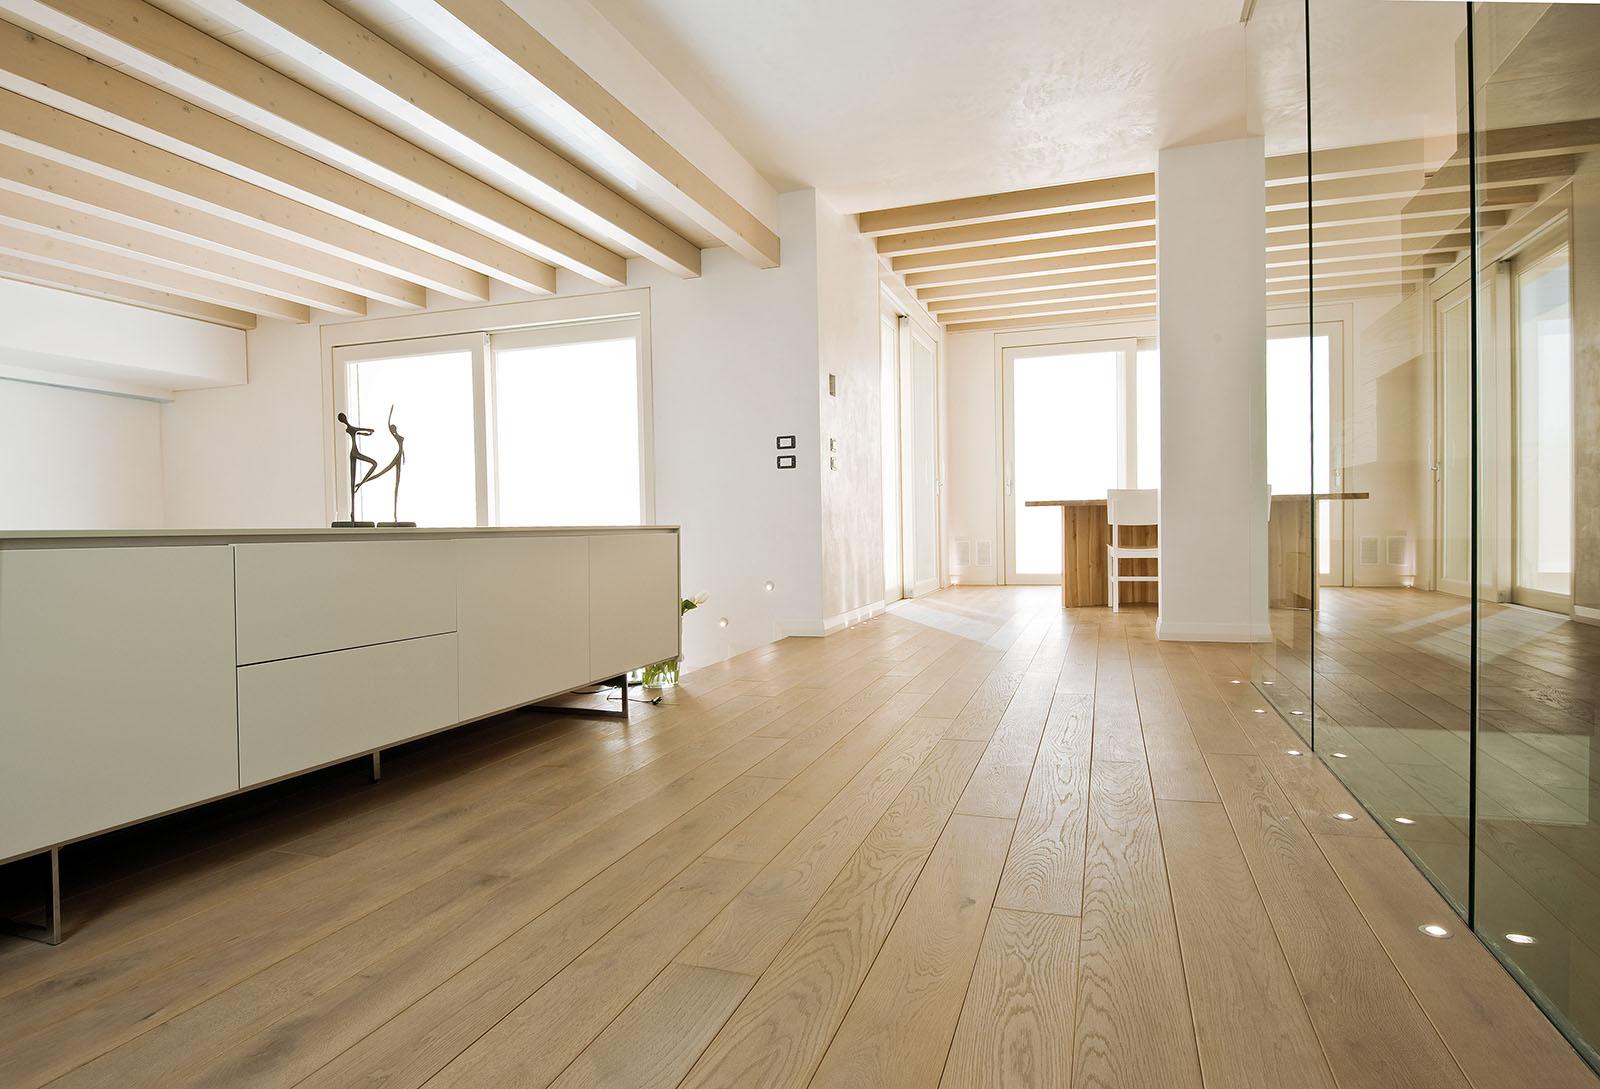 Parquet flottante costi e vantaggi del pavimento for Design personalizzato del pavimento